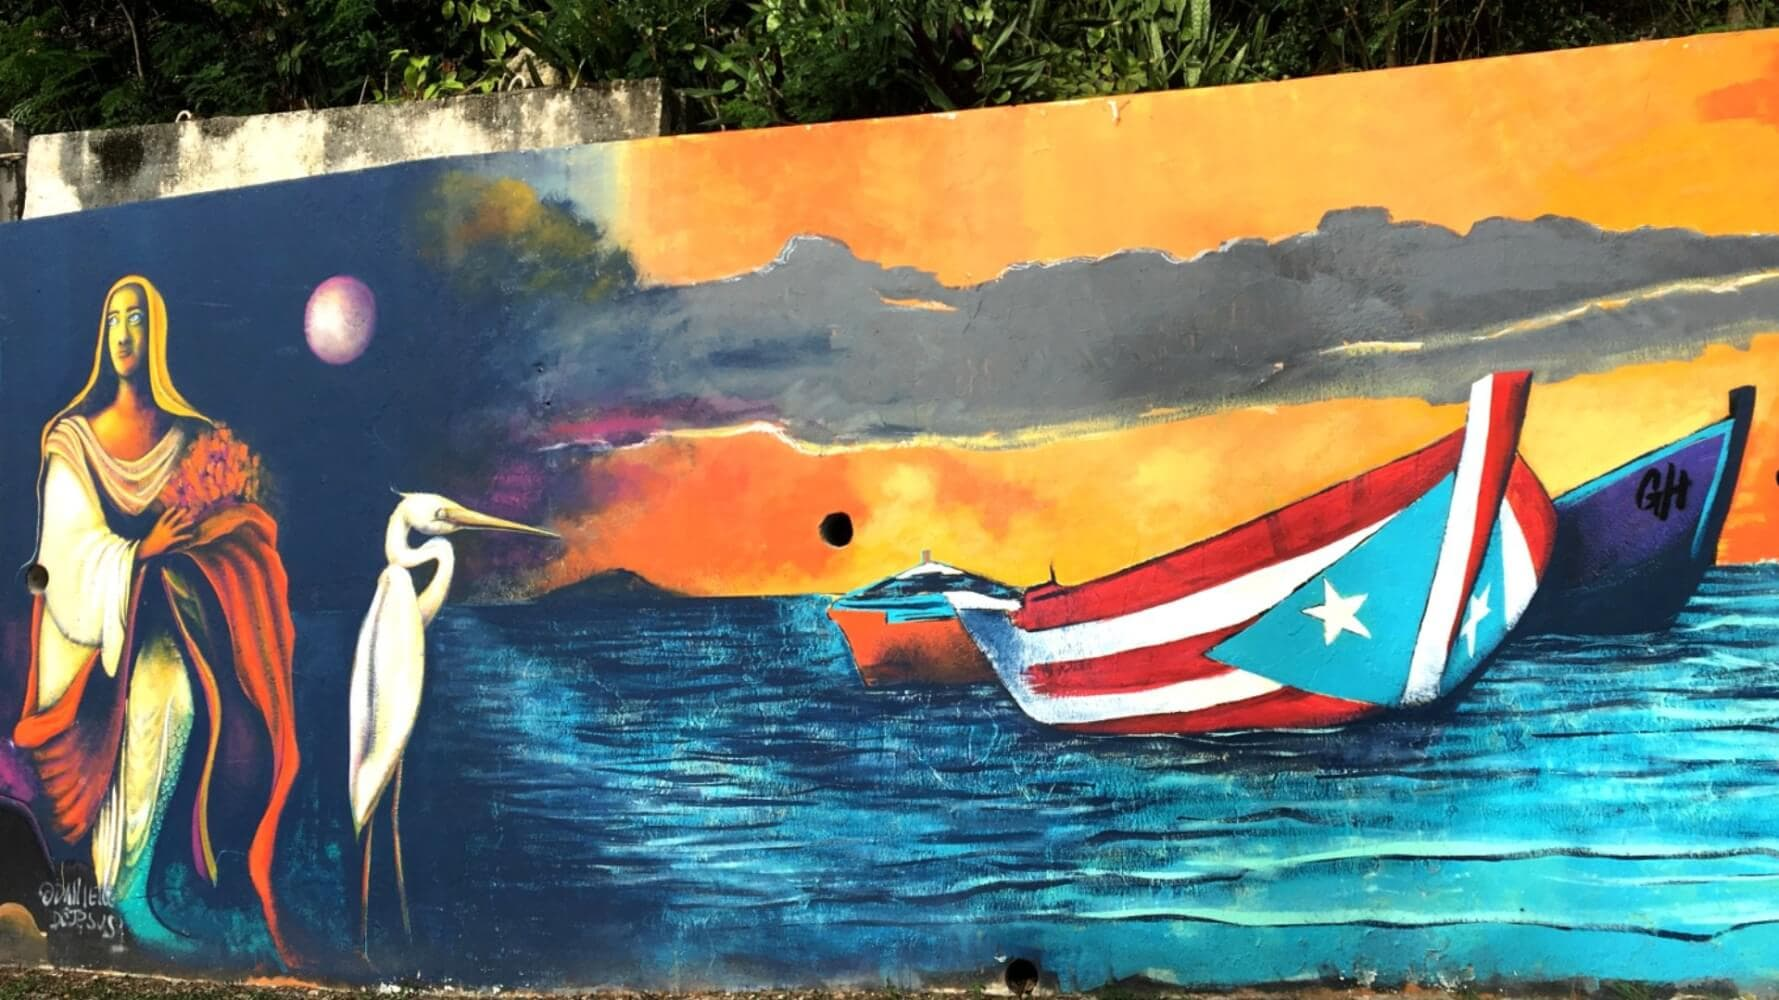 Mural in western Puerto Rico